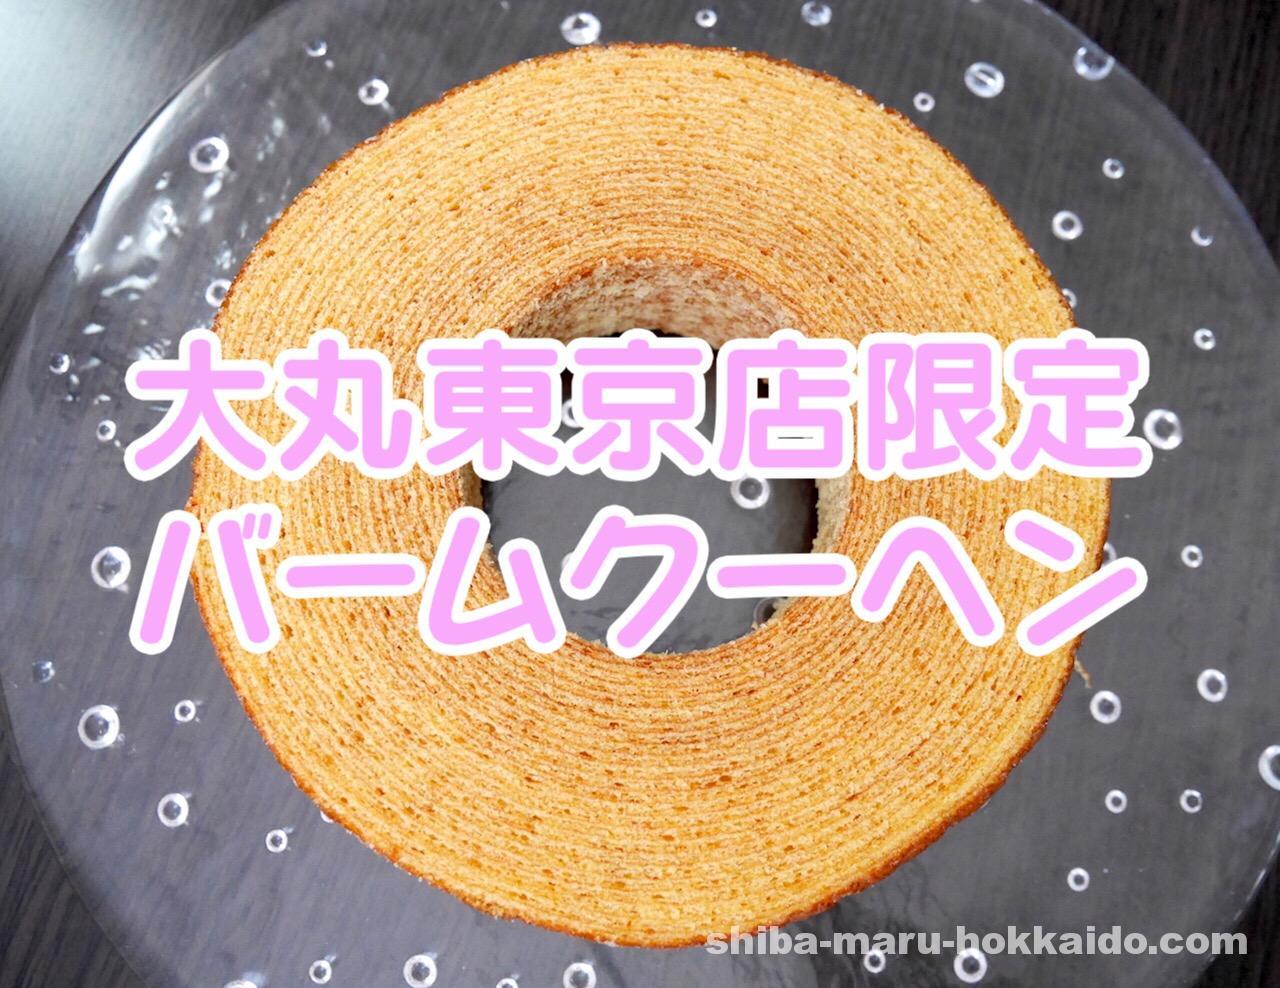 銀座ねんりん家の大丸東京店限定「もっとしっとり芽」を食べてみた感想を述べる!